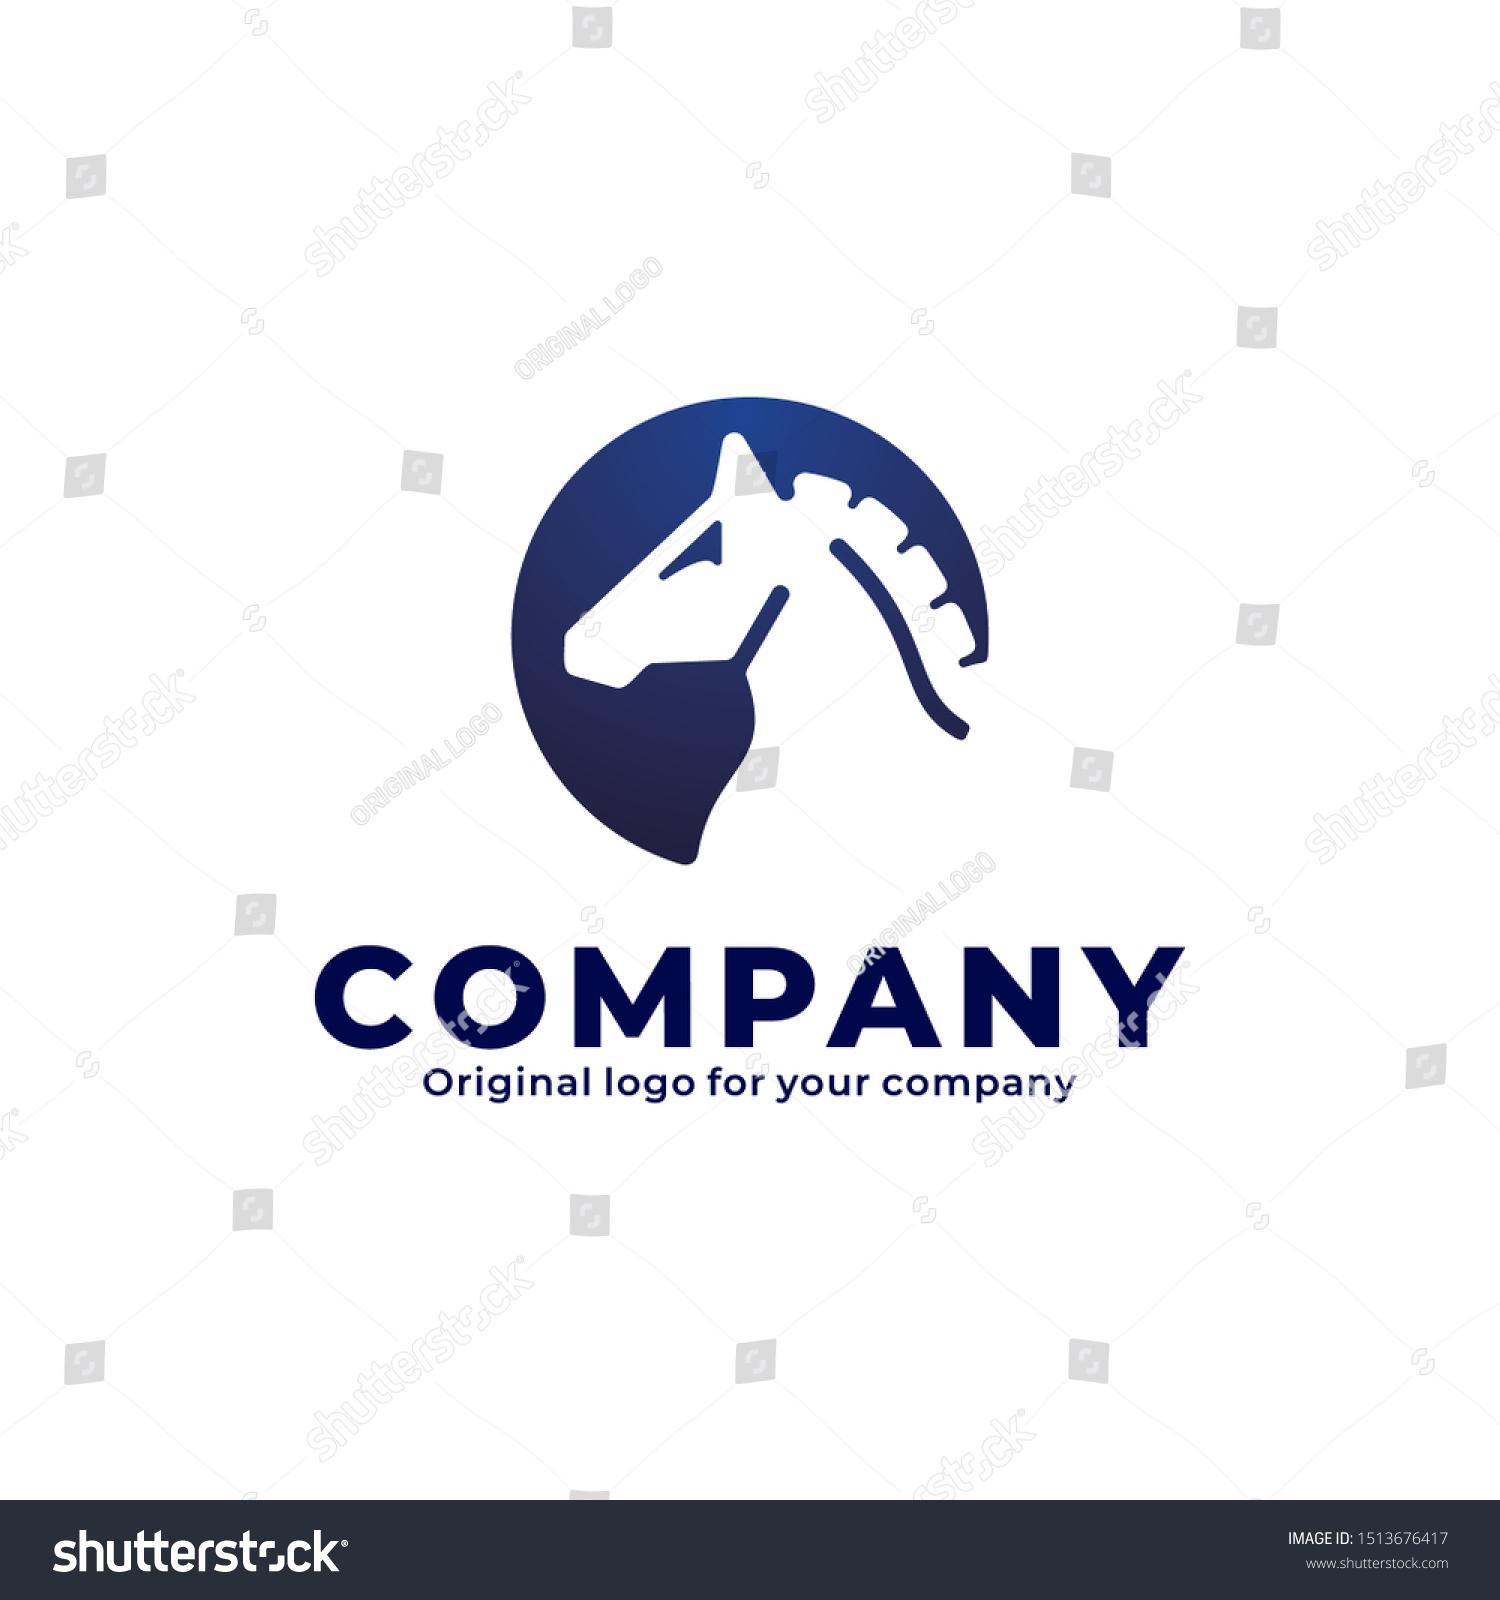 Vector De Stock Libre De Regalias Sobre Dark Blue Horse Logo Circle Shape1513676417